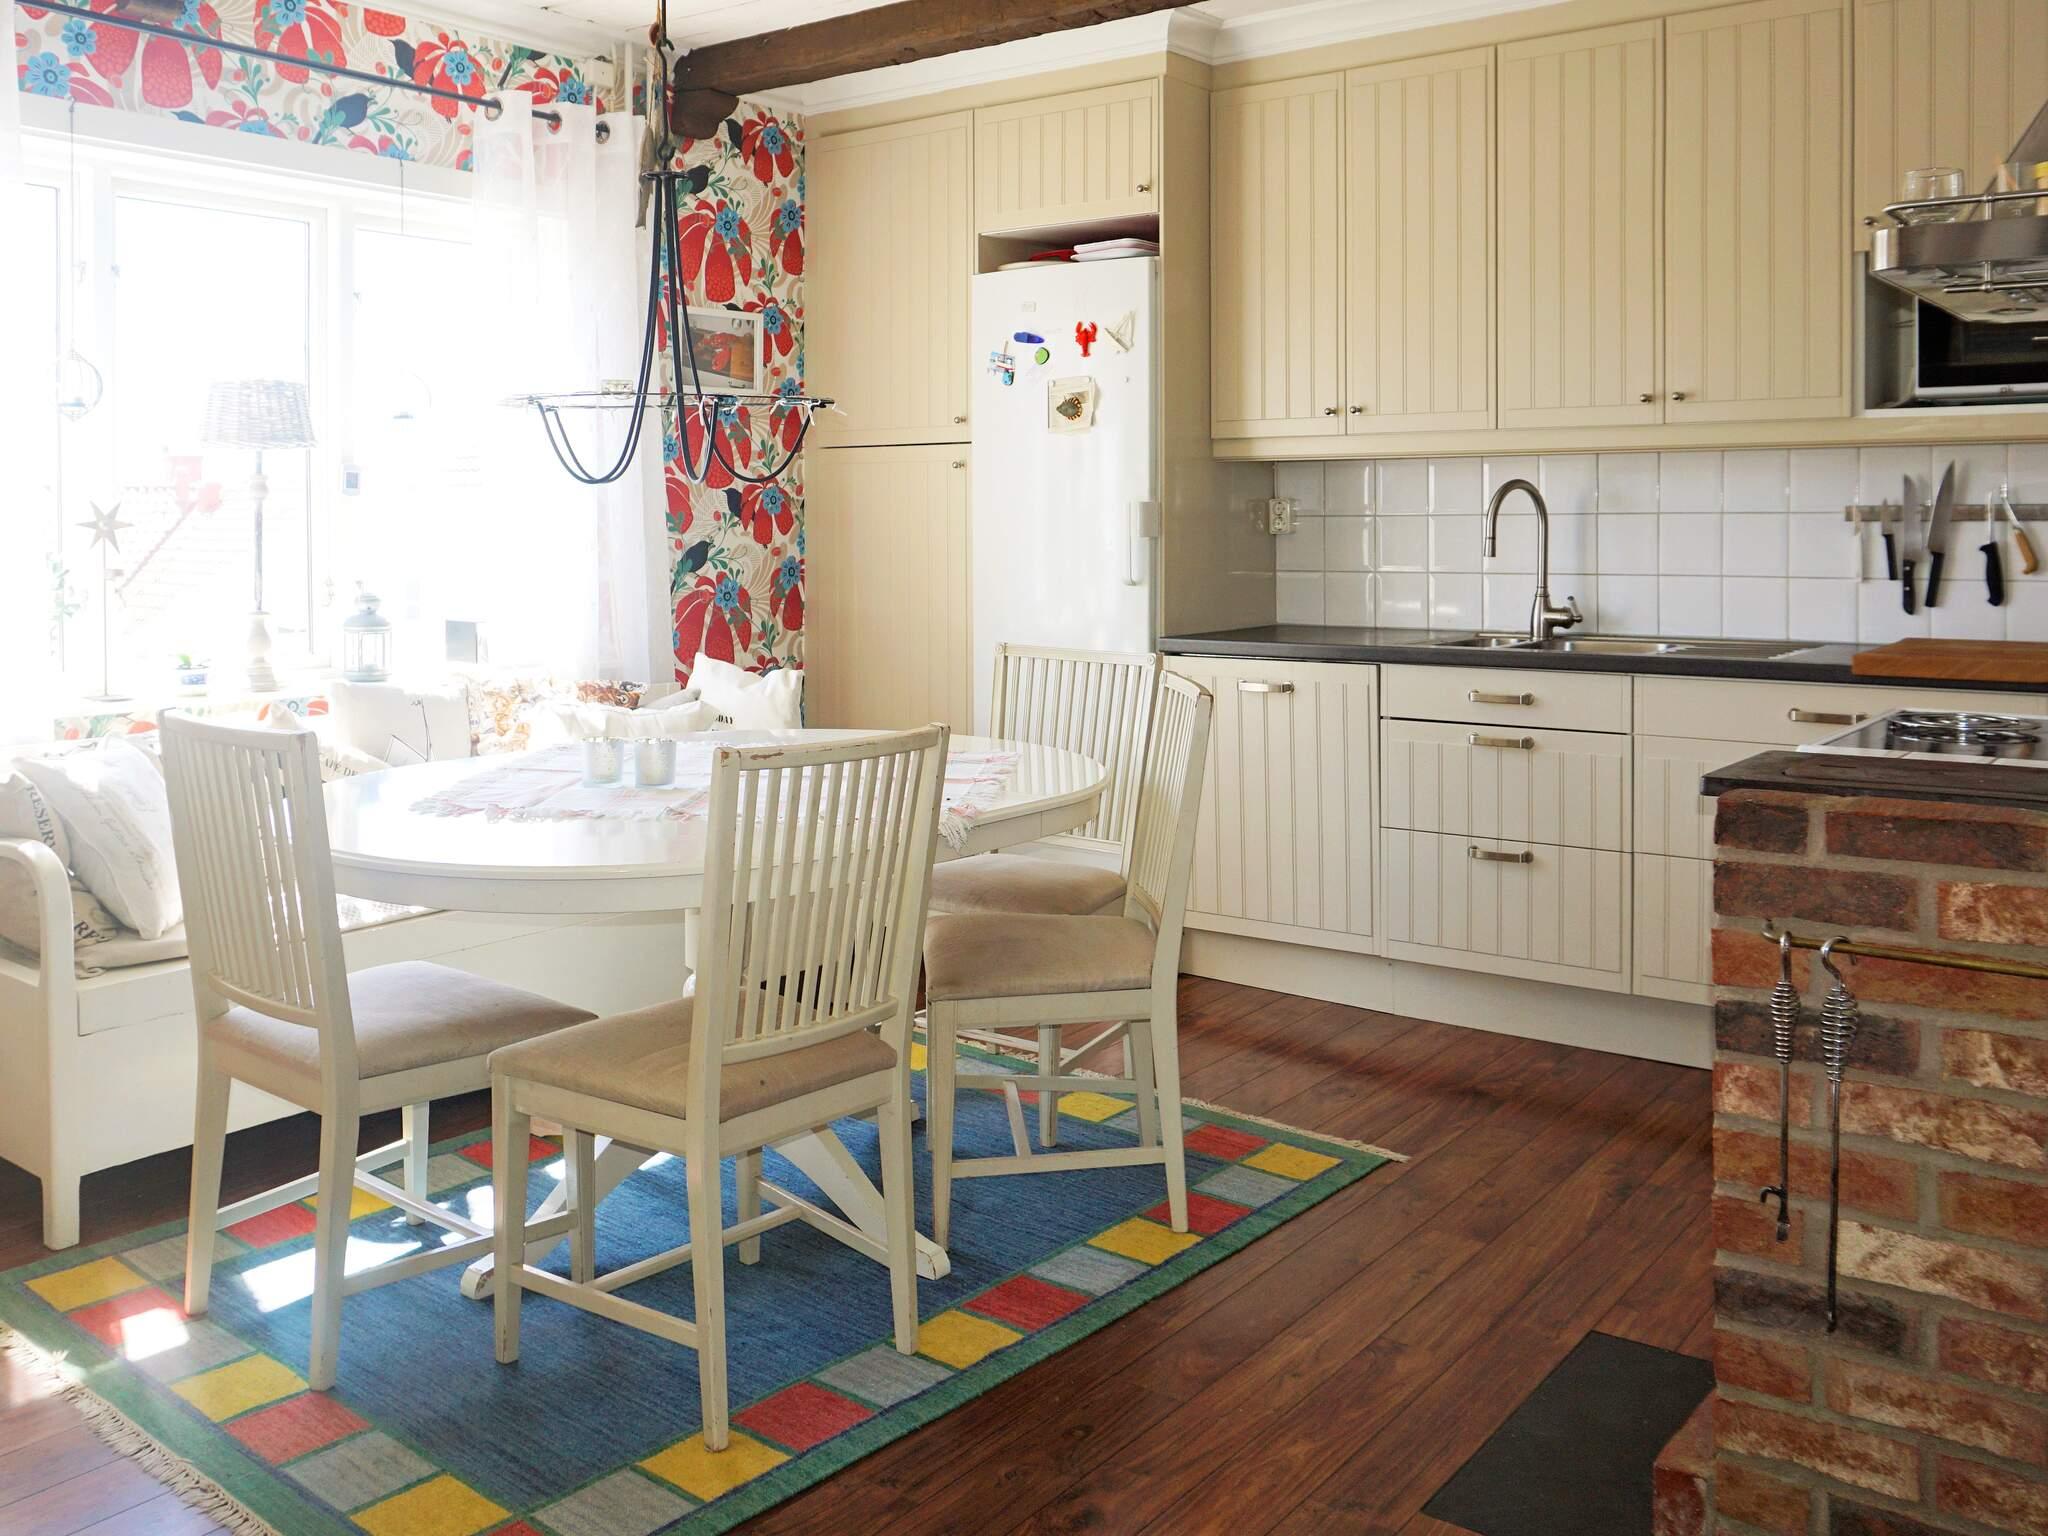 Ferienhaus Göteborgs Skärgård (2626803), Hälsö, Västra Götaland län, Westschweden, Schweden, Bild 4